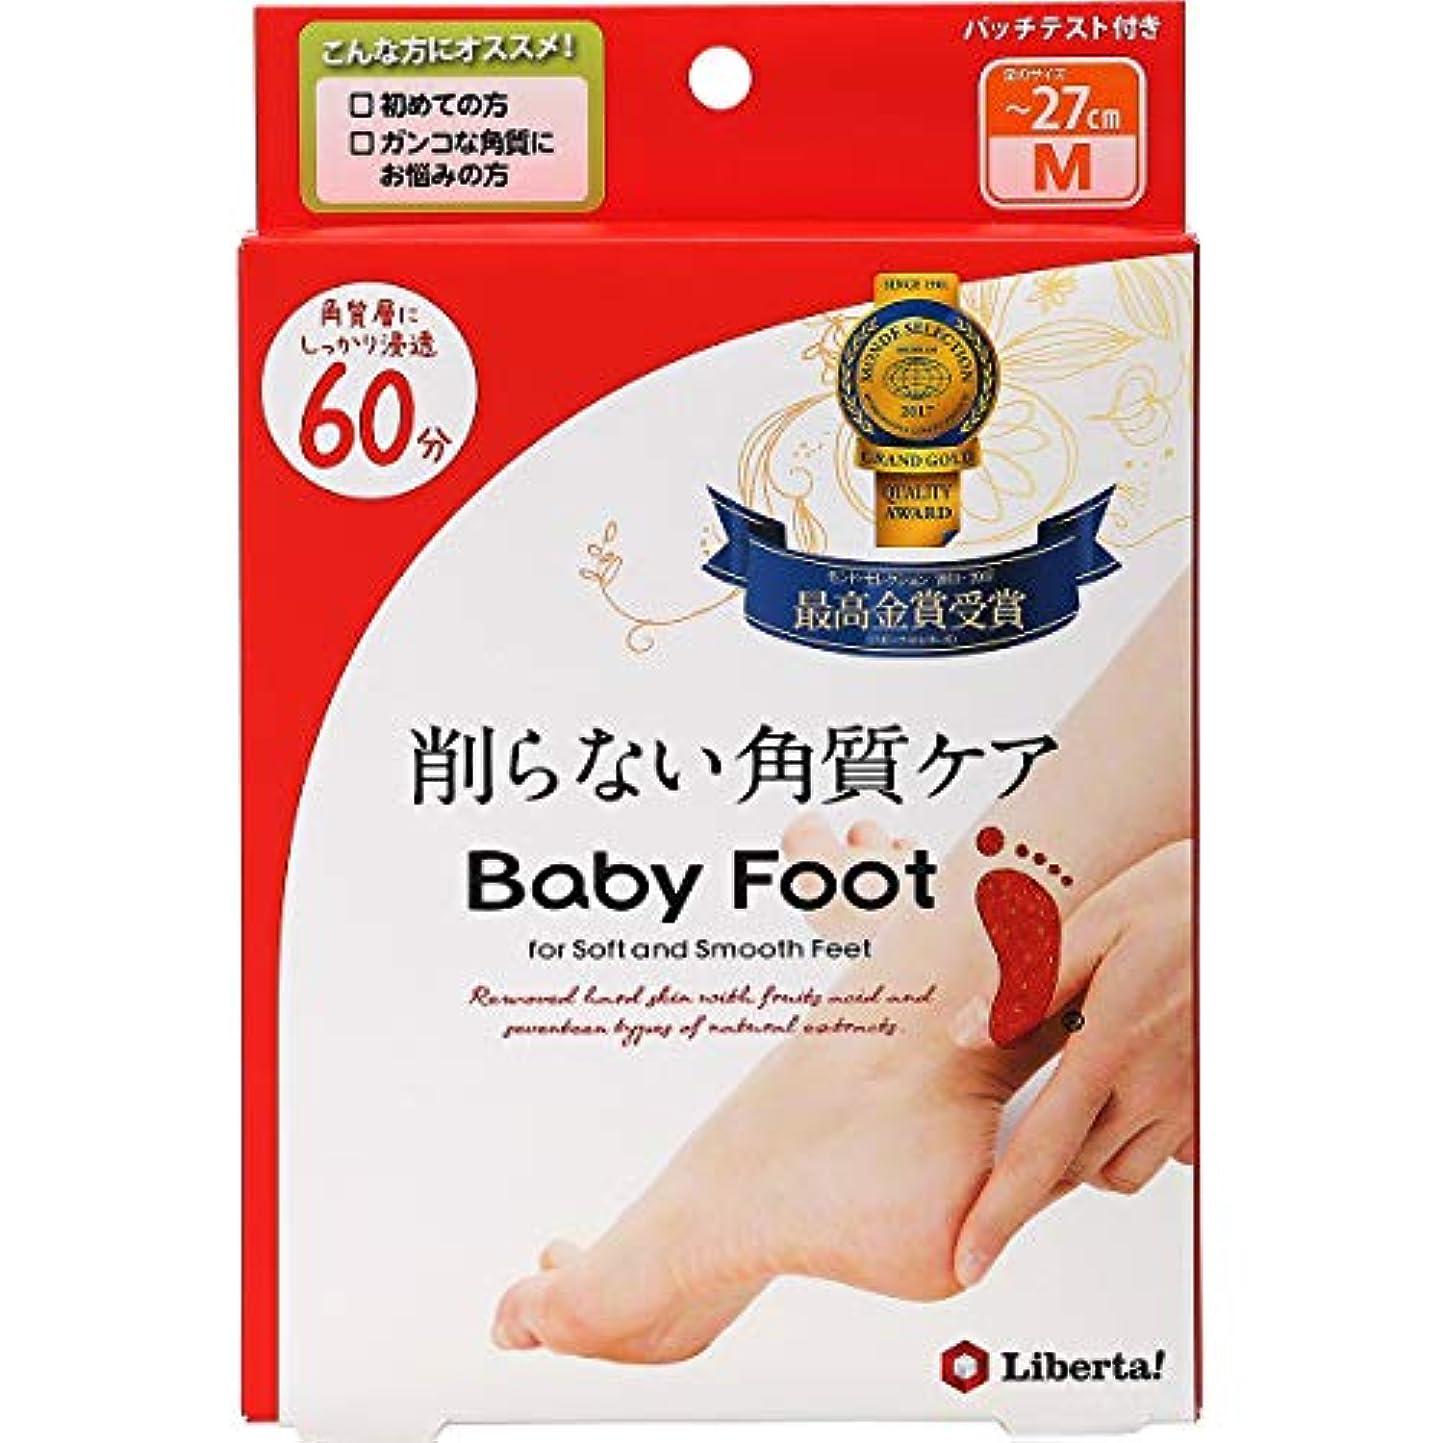 マートスペイン速記ベビーフット (Baby Foot) ベビーフット イージーパック SPT60分タイプ Mサイズ 単品